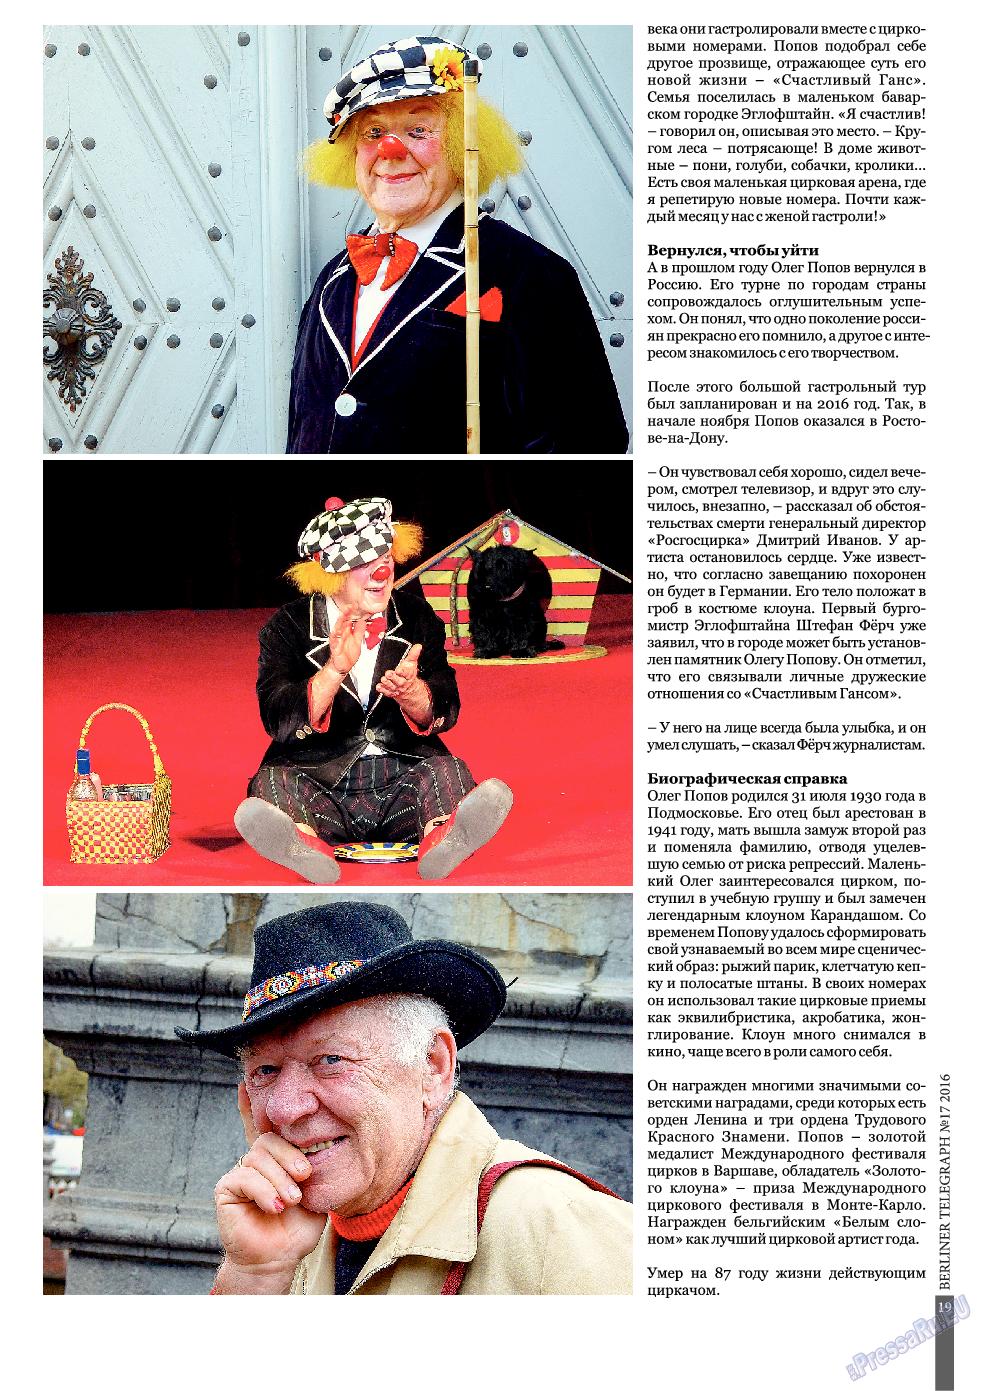 Берлинский телеграф (журнал). 2016 год, номер 17, стр. 19